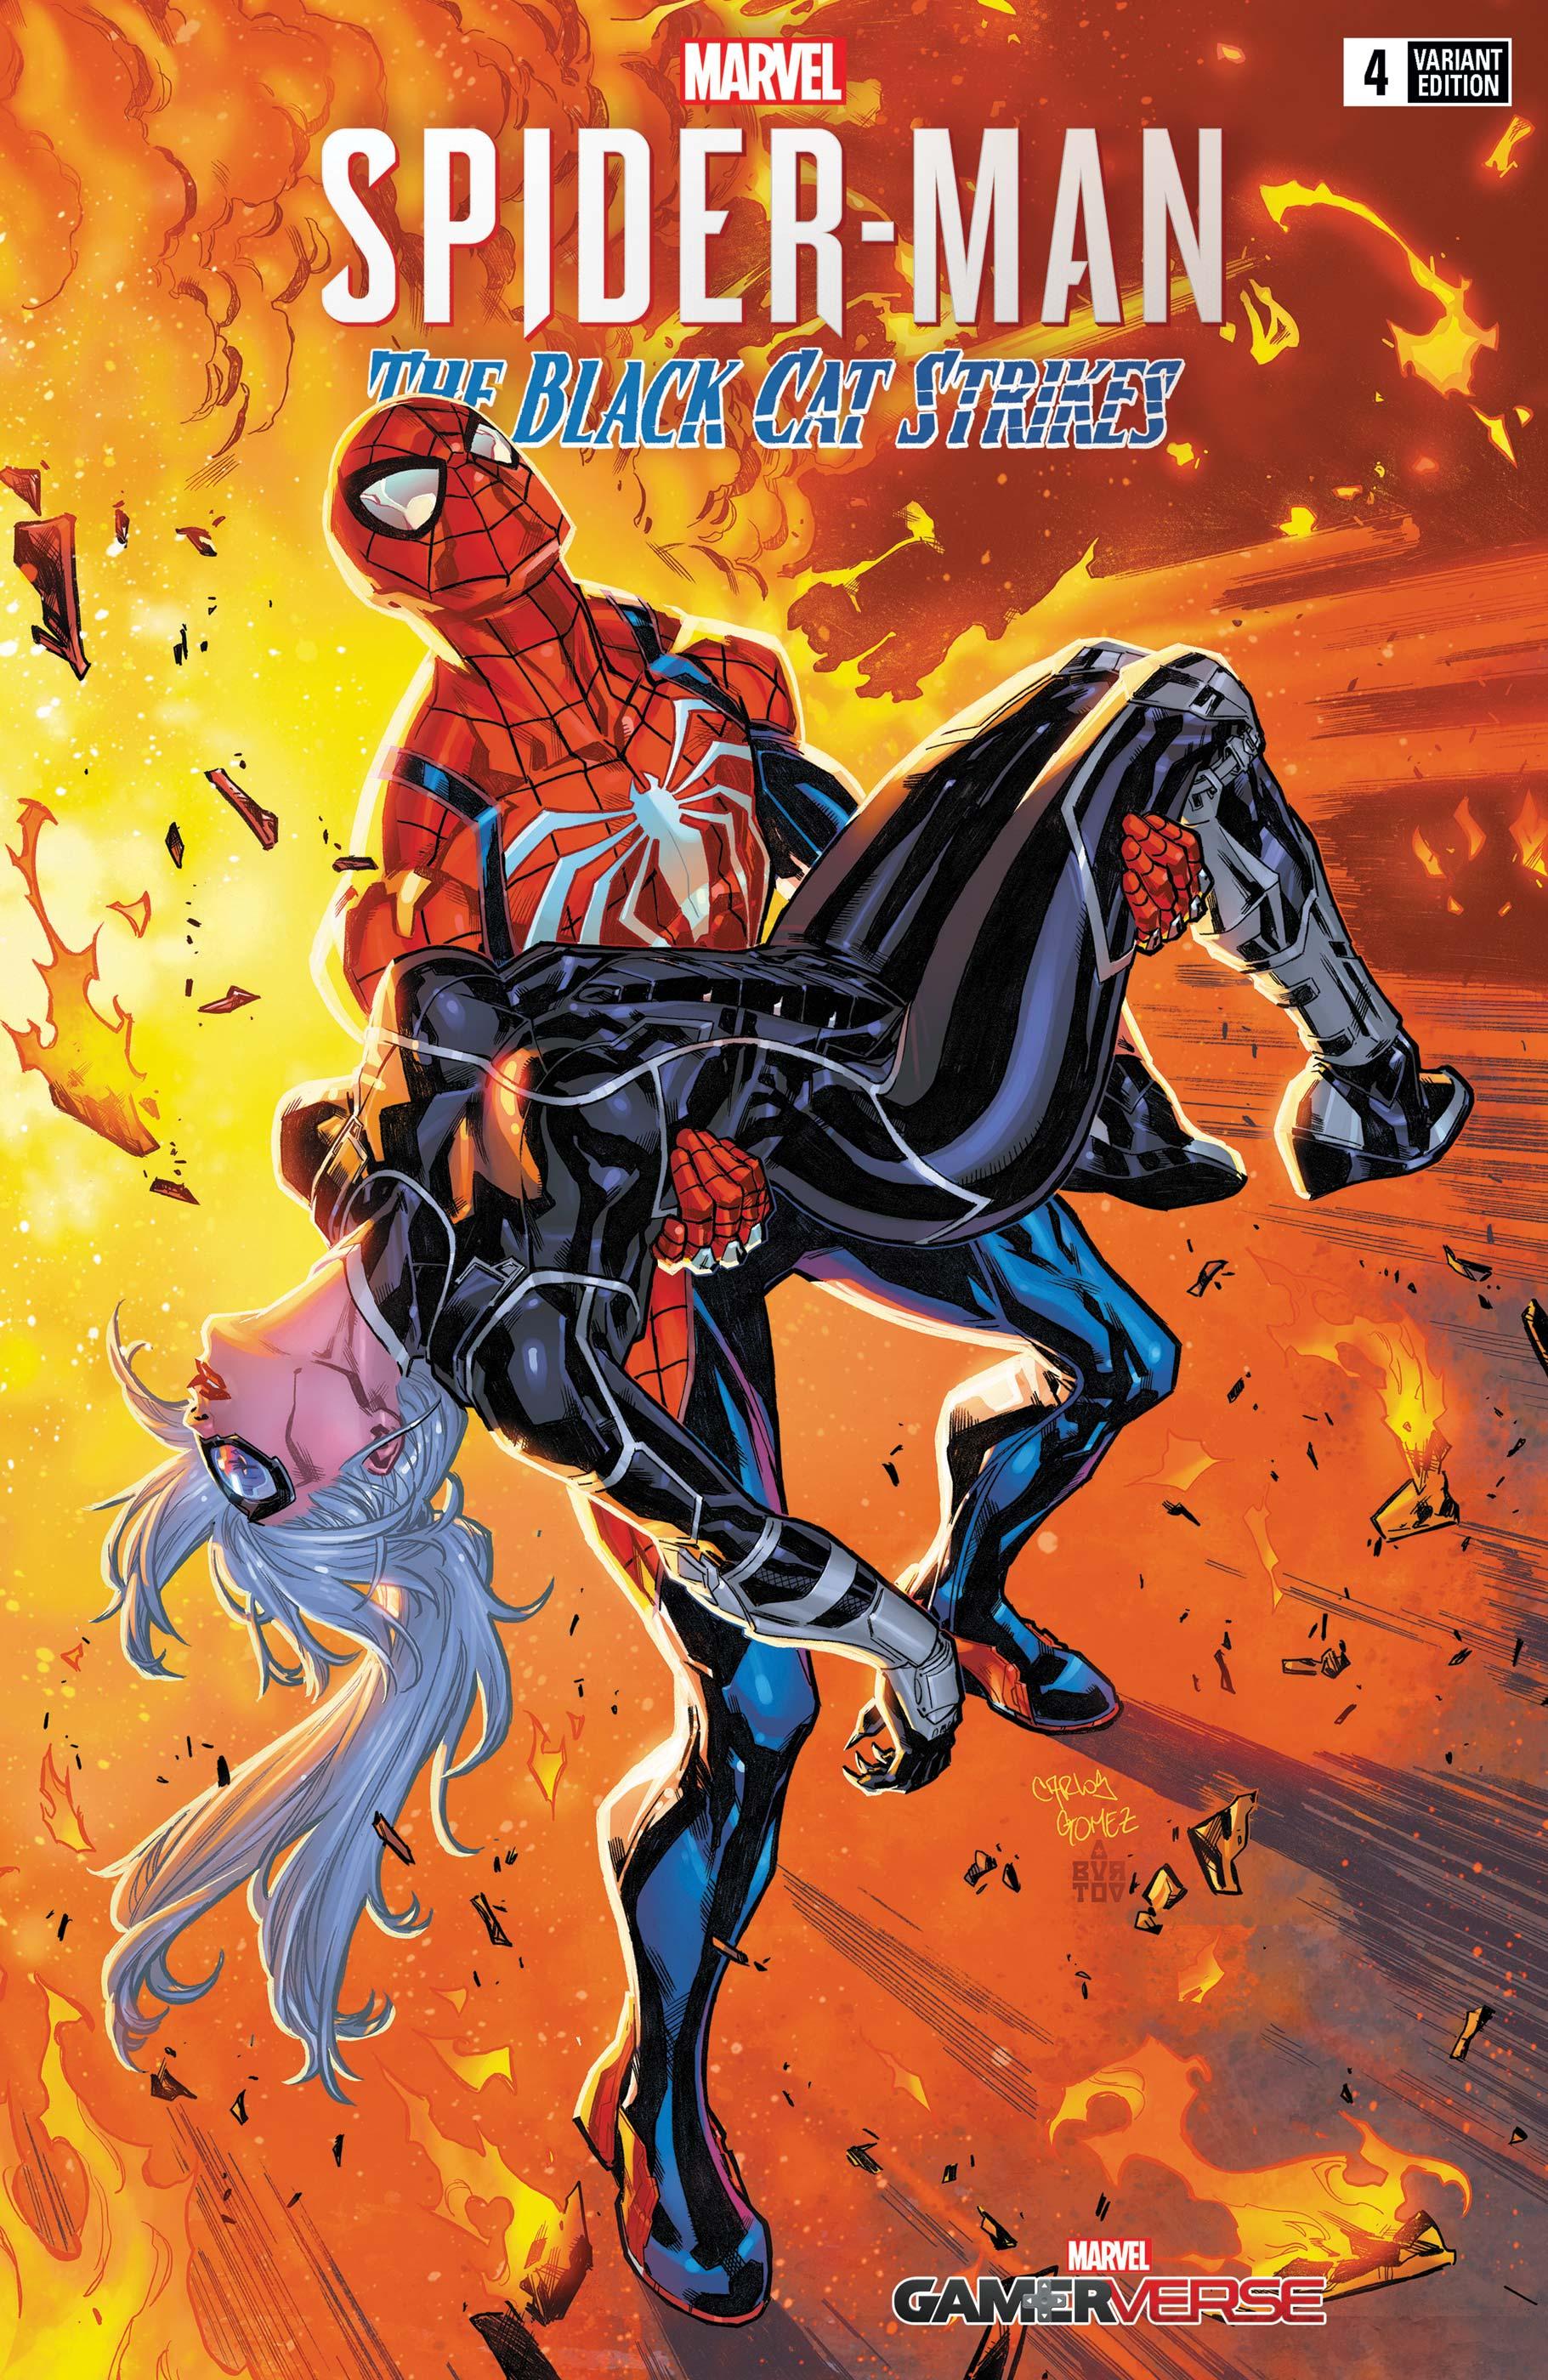 Marvel's Spider-Man: The Black Cat Strikes (2020) #4 (Variant)